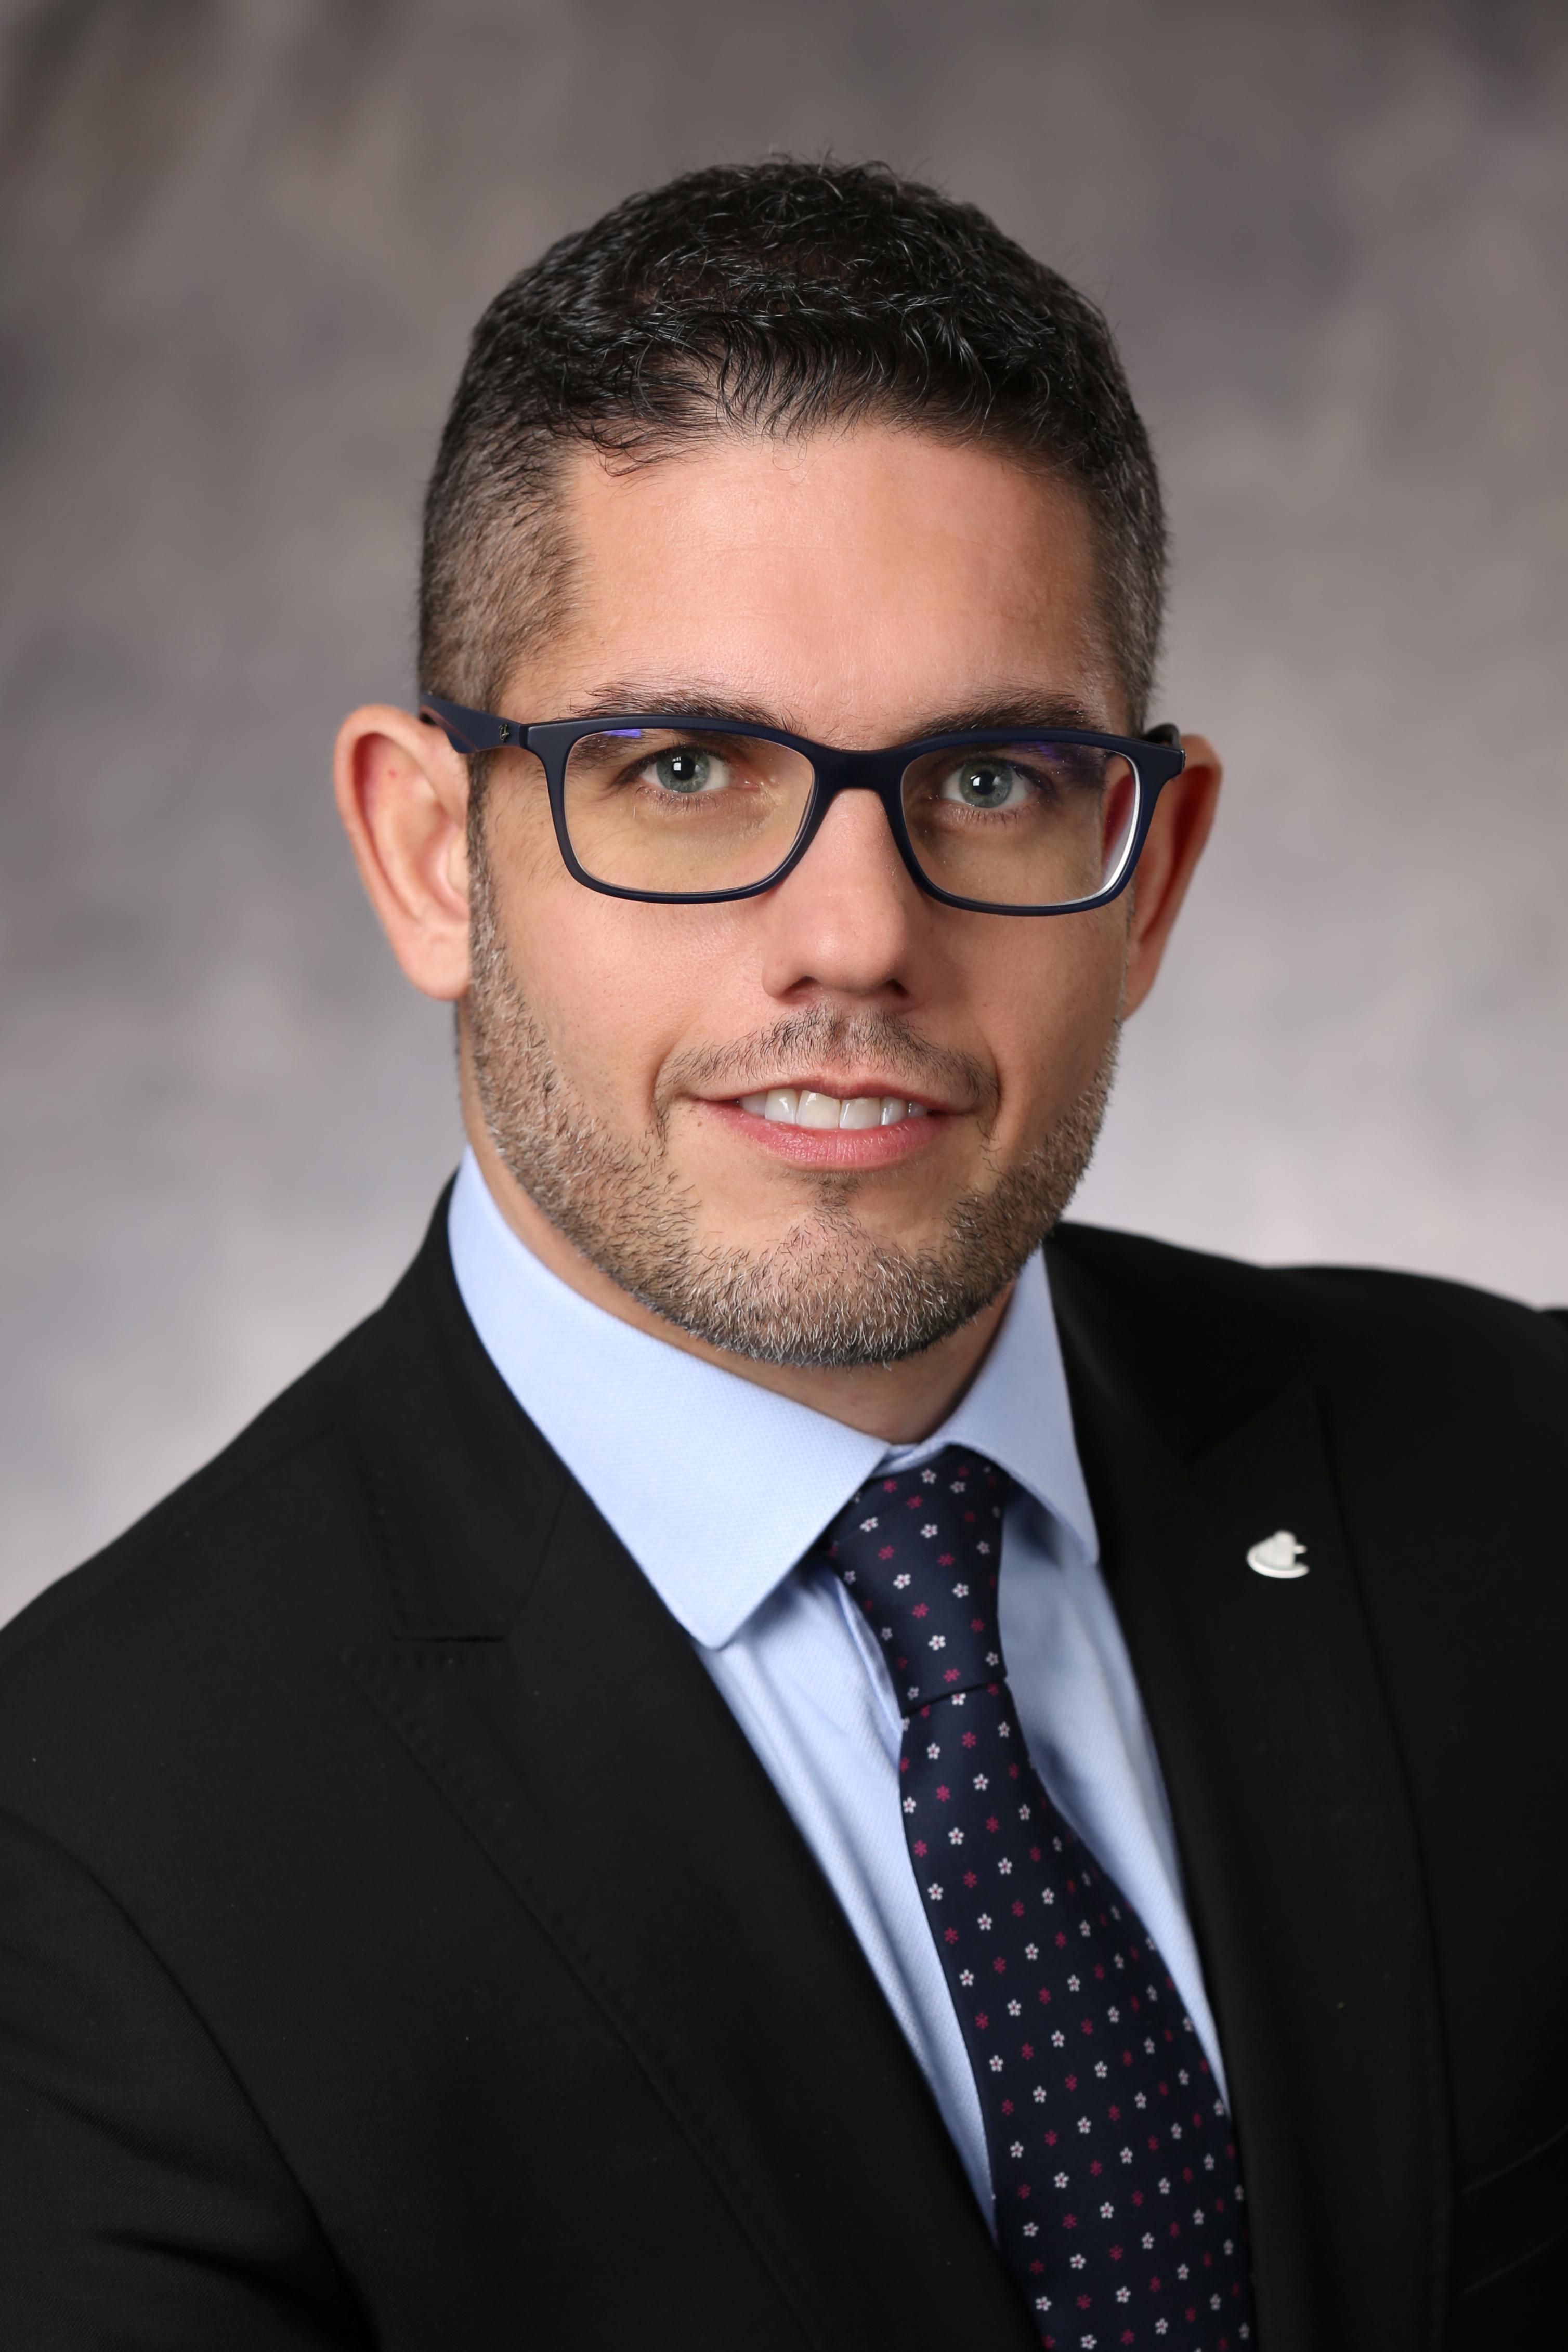 Neil Palomba, direttore generale, Costa Crociere